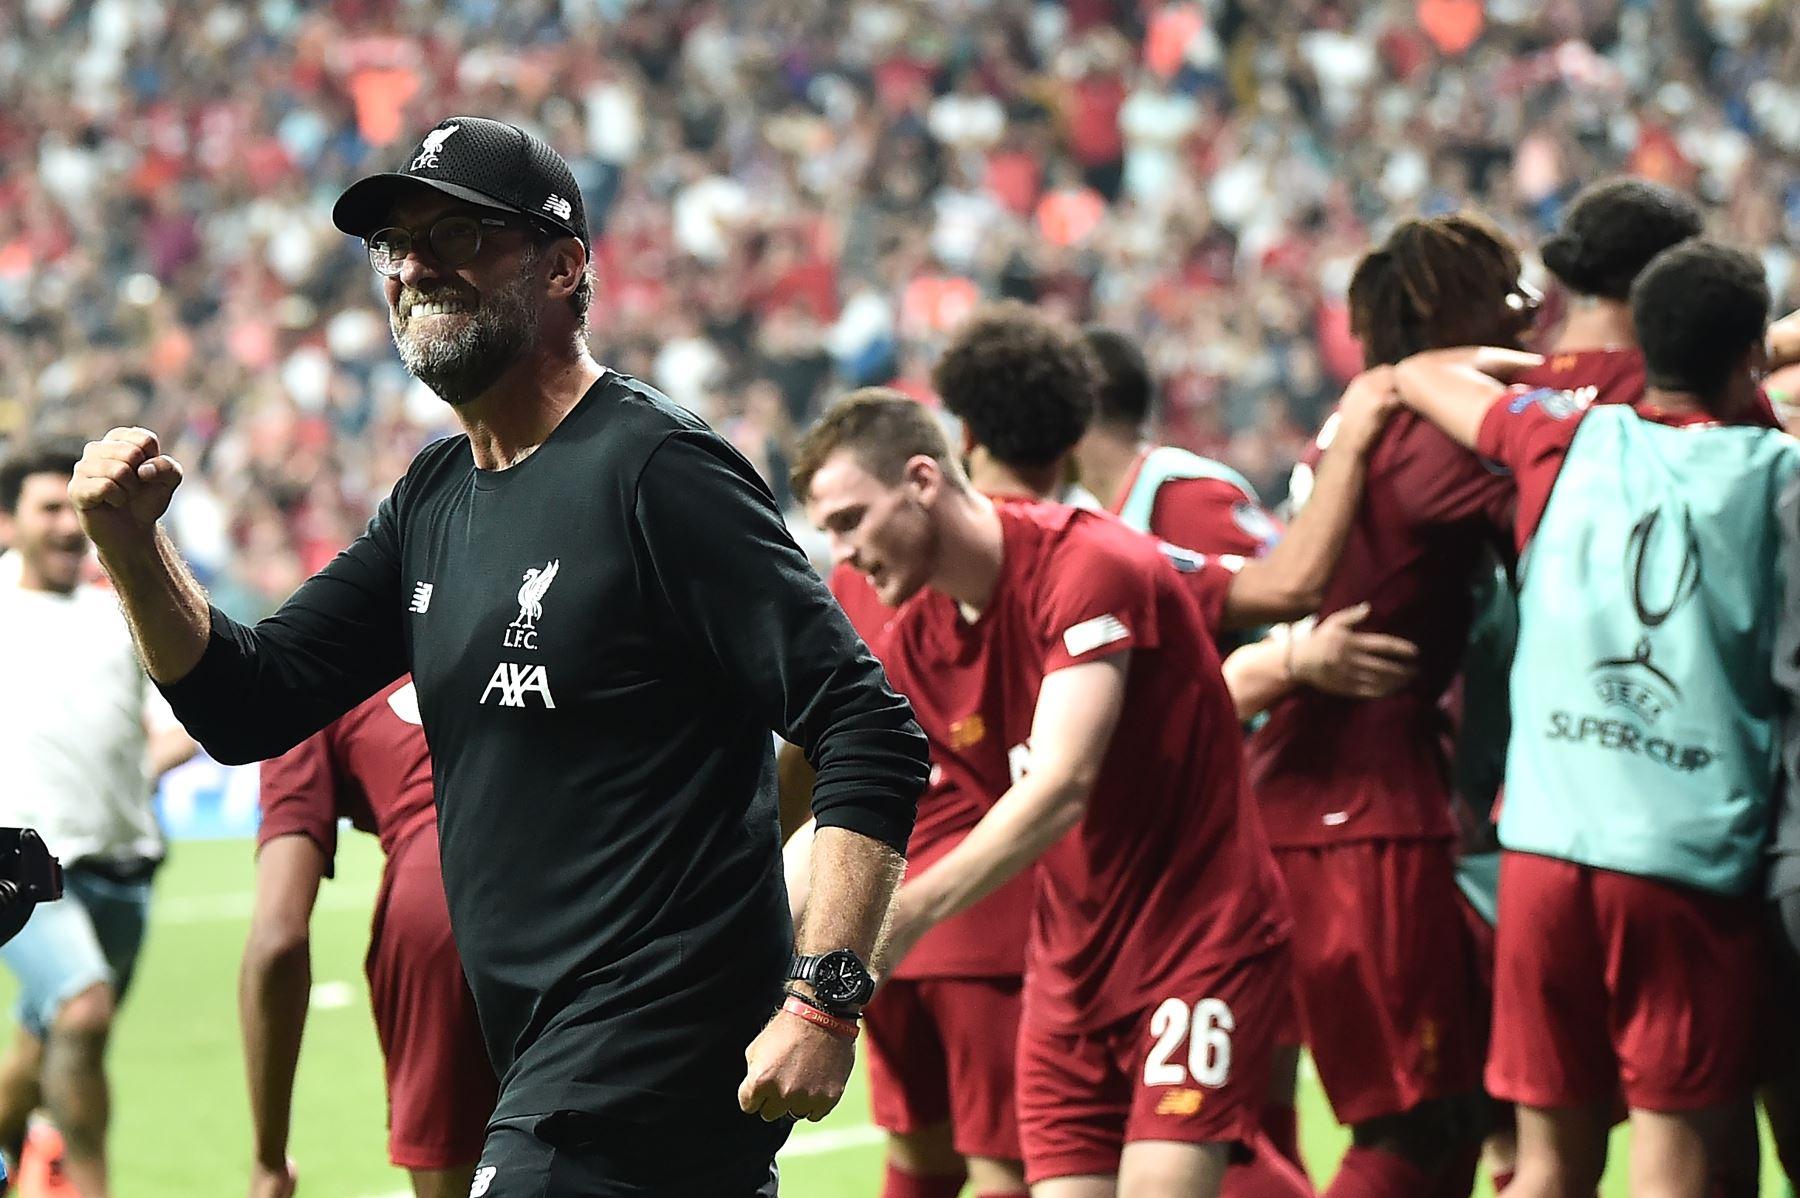 El entrenador alemán del Liverpool, Jurgen Klopp, celebra ganar el partido de fútbol de la Supercopa de la UEFA 2019 entre el FC Liverpool y el Chelsea en el Besiktas Park Stadium de Estambul.Foto:AFP